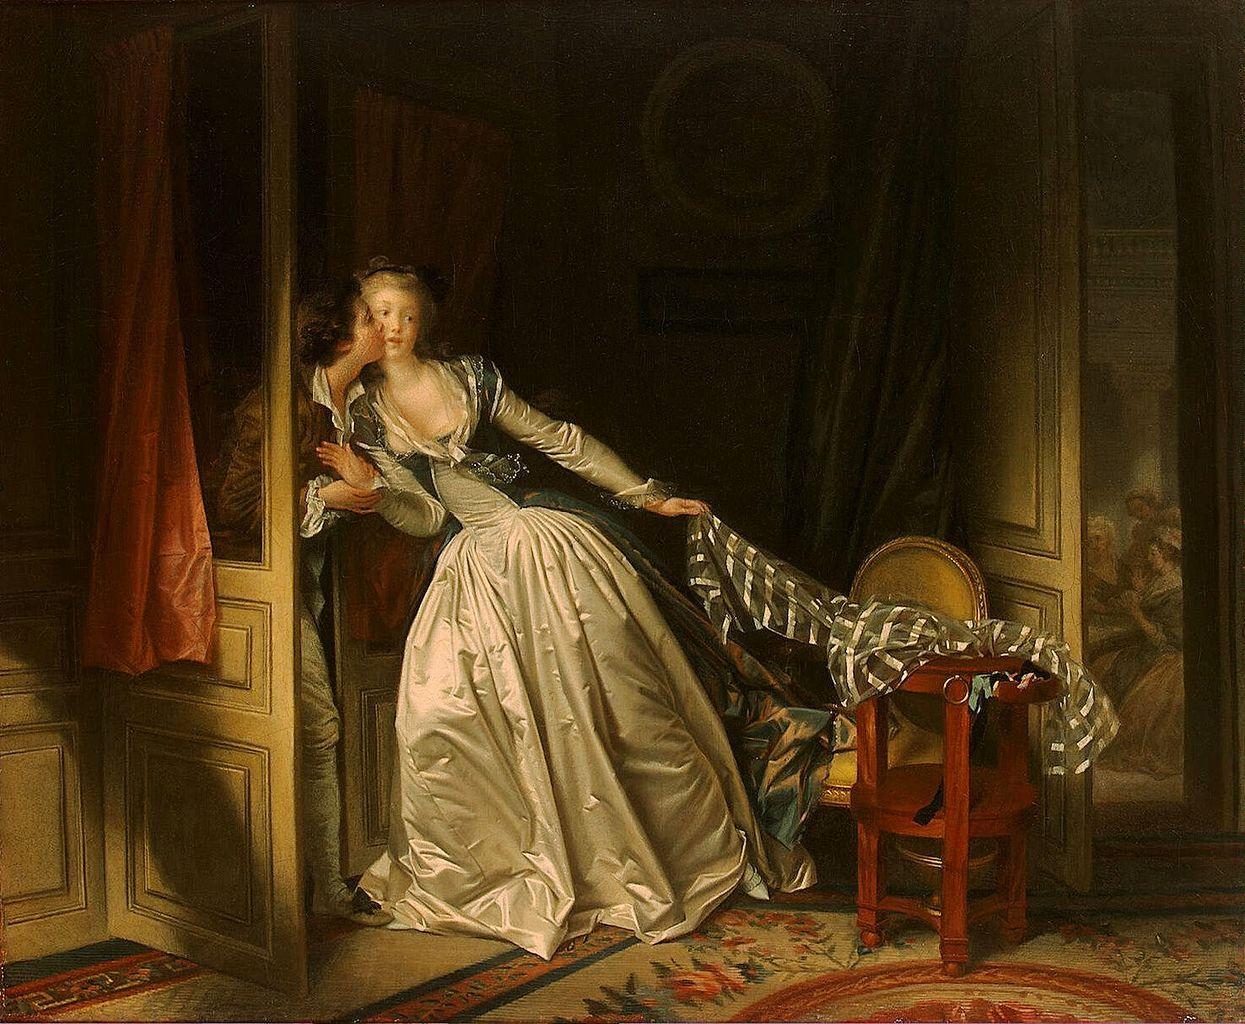 Le baiser à la dérobée, Honoré Fragonard. Musée de l'Ermitage.